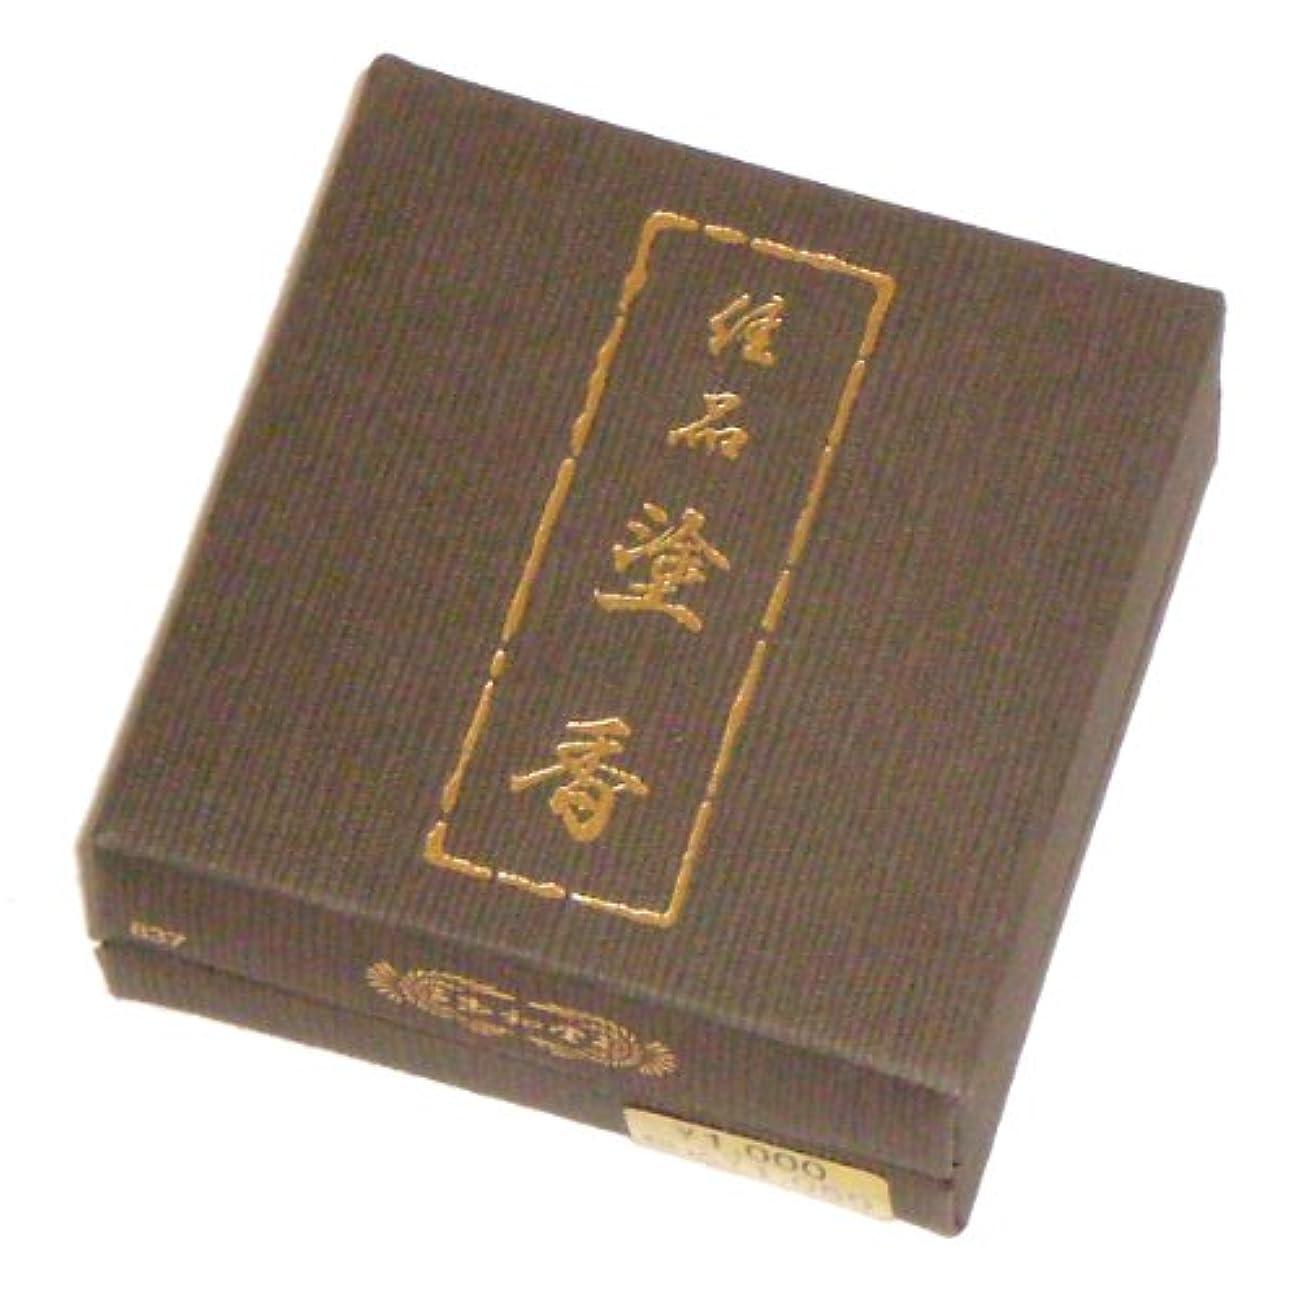 玉初堂のお香 佳品塗香 15g 紙箱 #837